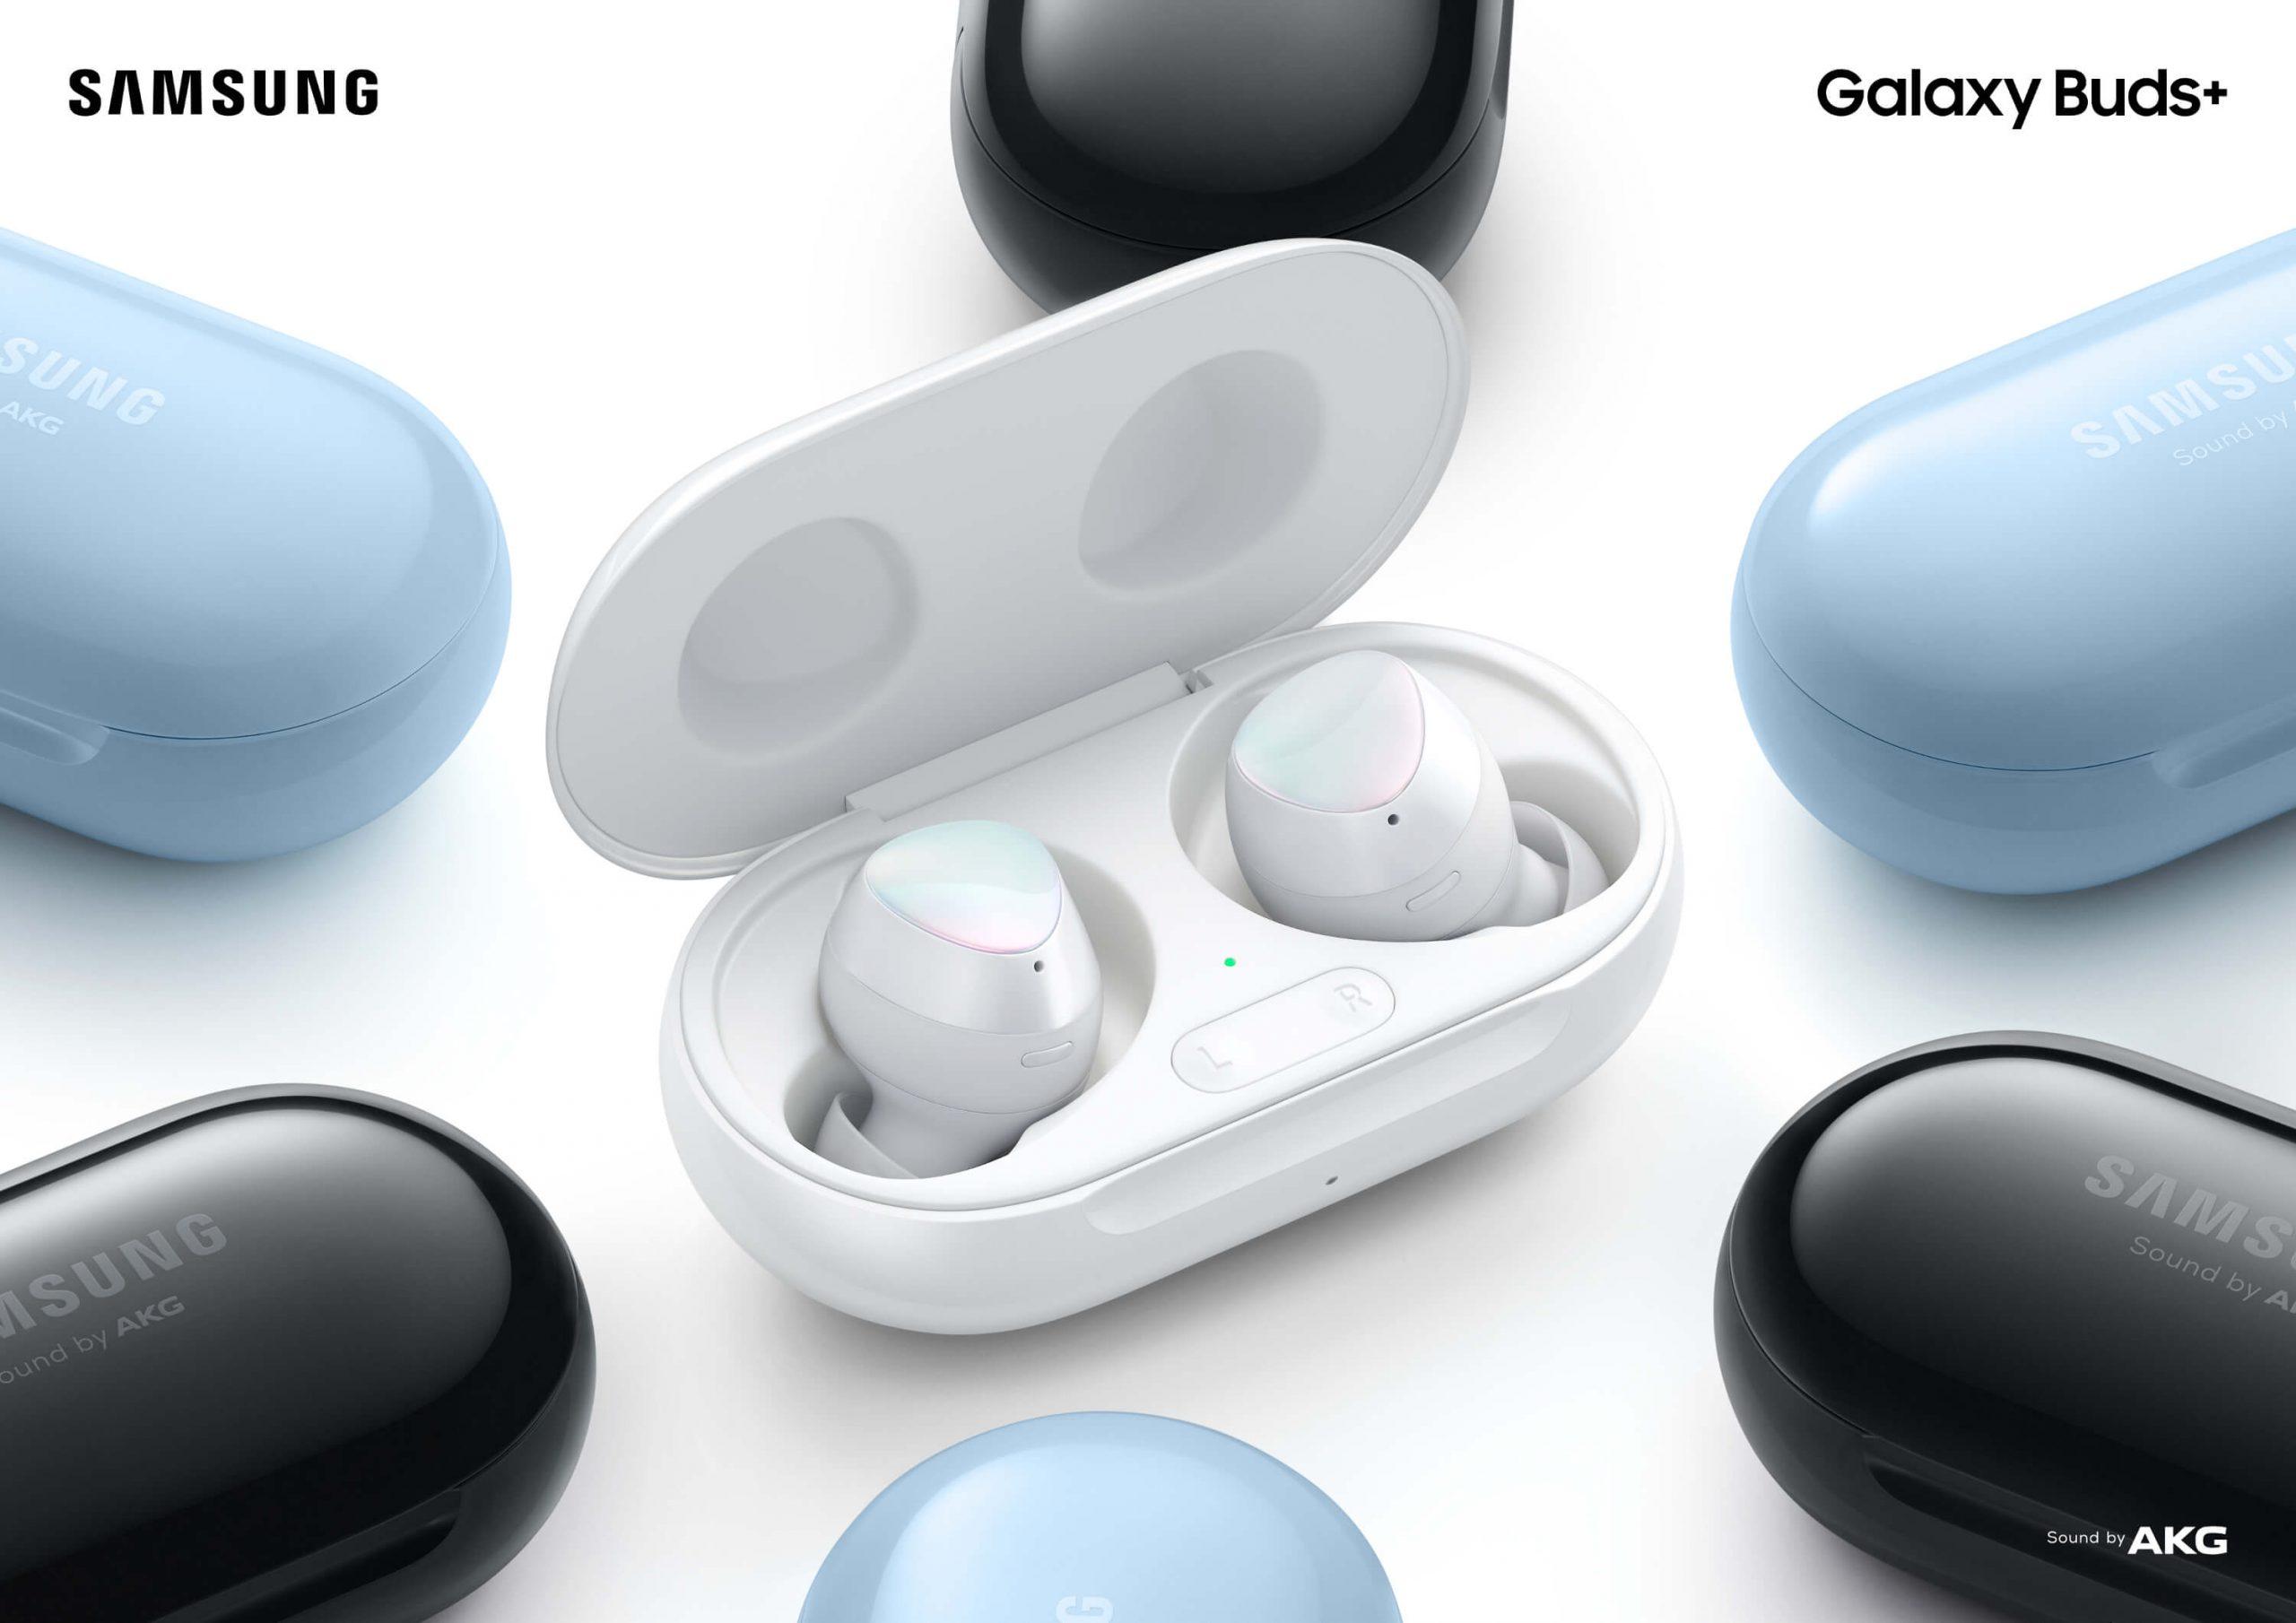 Galaxy Buds+: Cambie la forma en que experimenta el sonido